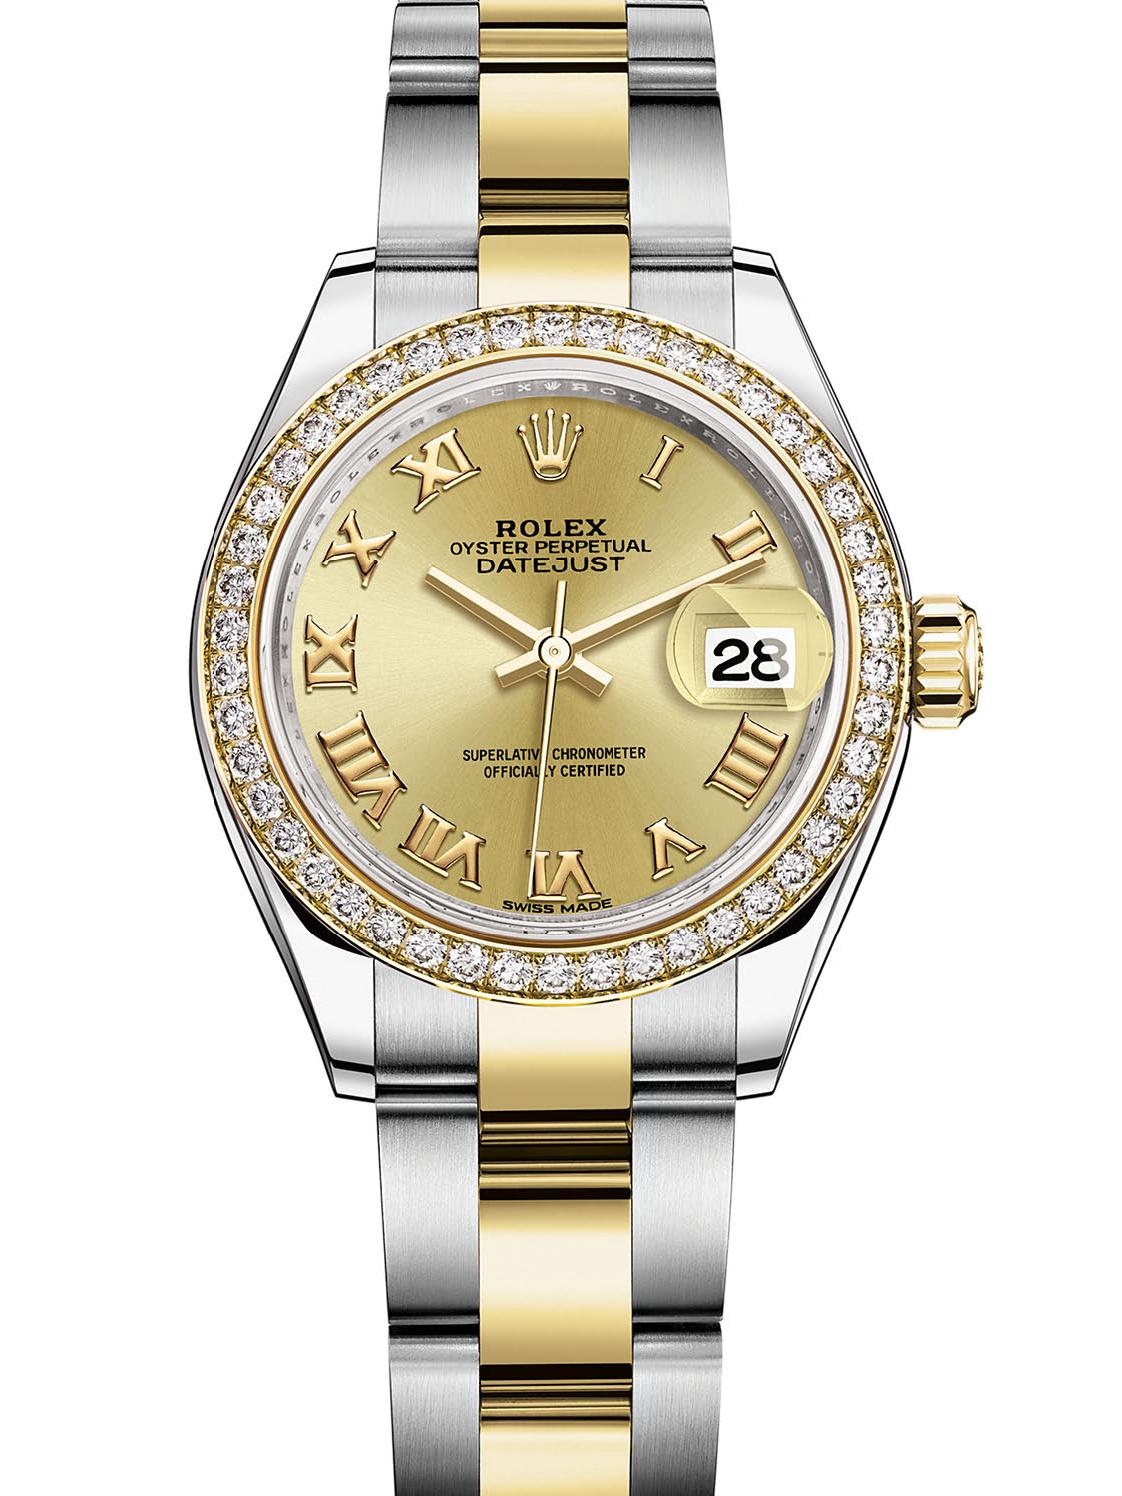 劳力士女装日志型28黄金钢钻圈金面罗马字女表279383RBR-0010